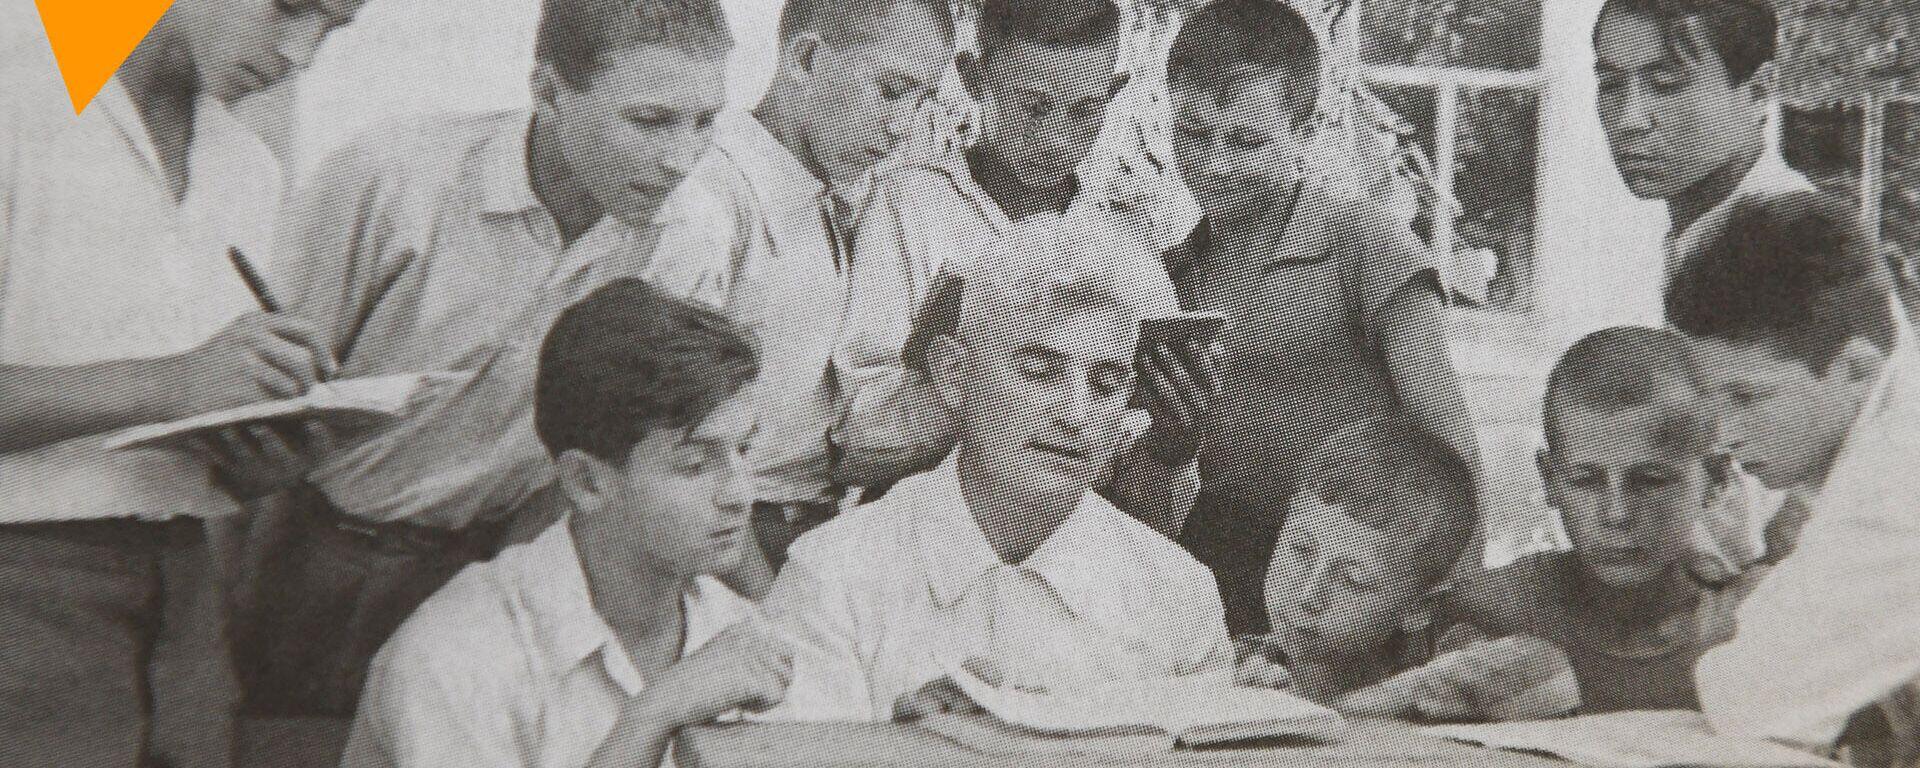 Интервью Паины Сиднеевны Джаксон об отце и его учениках - Sputnik Узбекистан, 1920, 23.06.2021